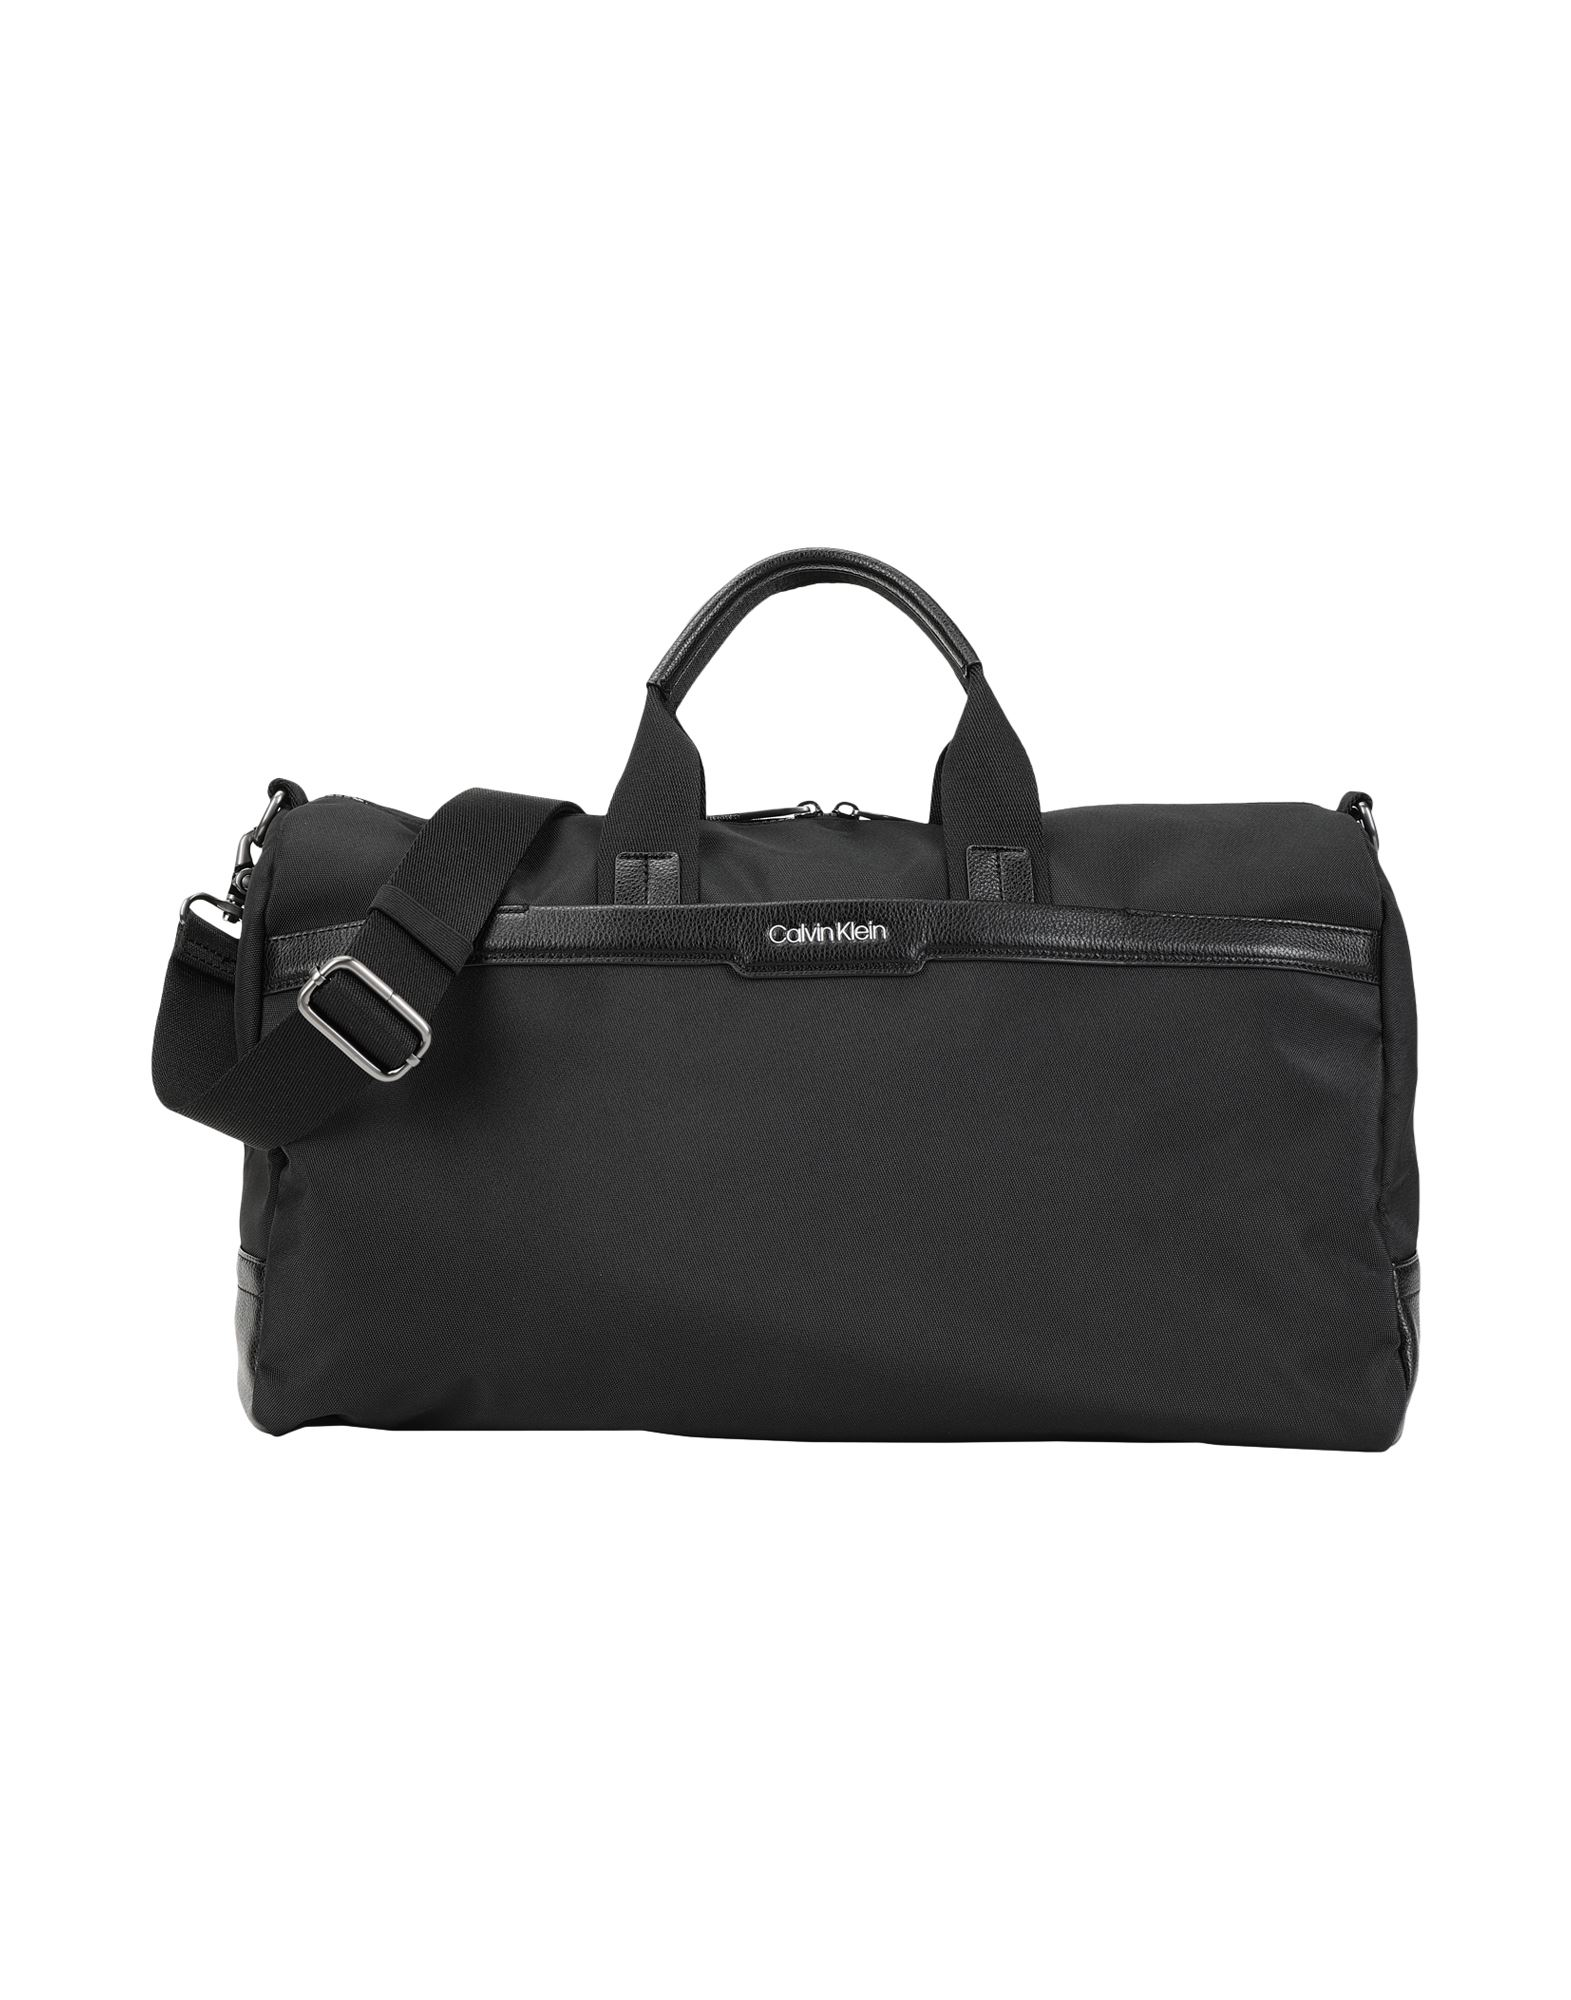 《セール開催中》CALVIN KLEIN メンズ 旅行バッグ ブラック リサイクルポリエステル 90% / ポリウレタン 10% GYM DUFFLE